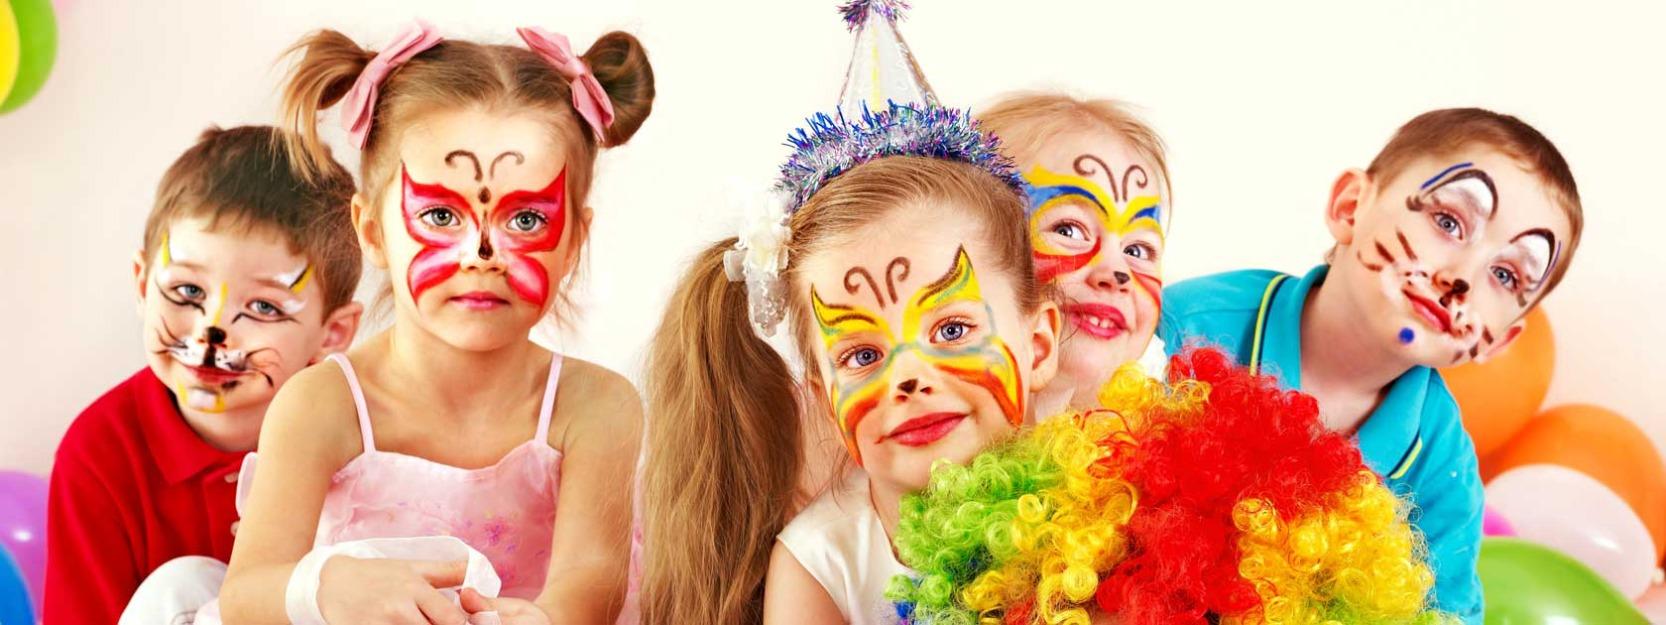 Giochi Per Feste Di Compleanno 10 Idee Mammapoppins